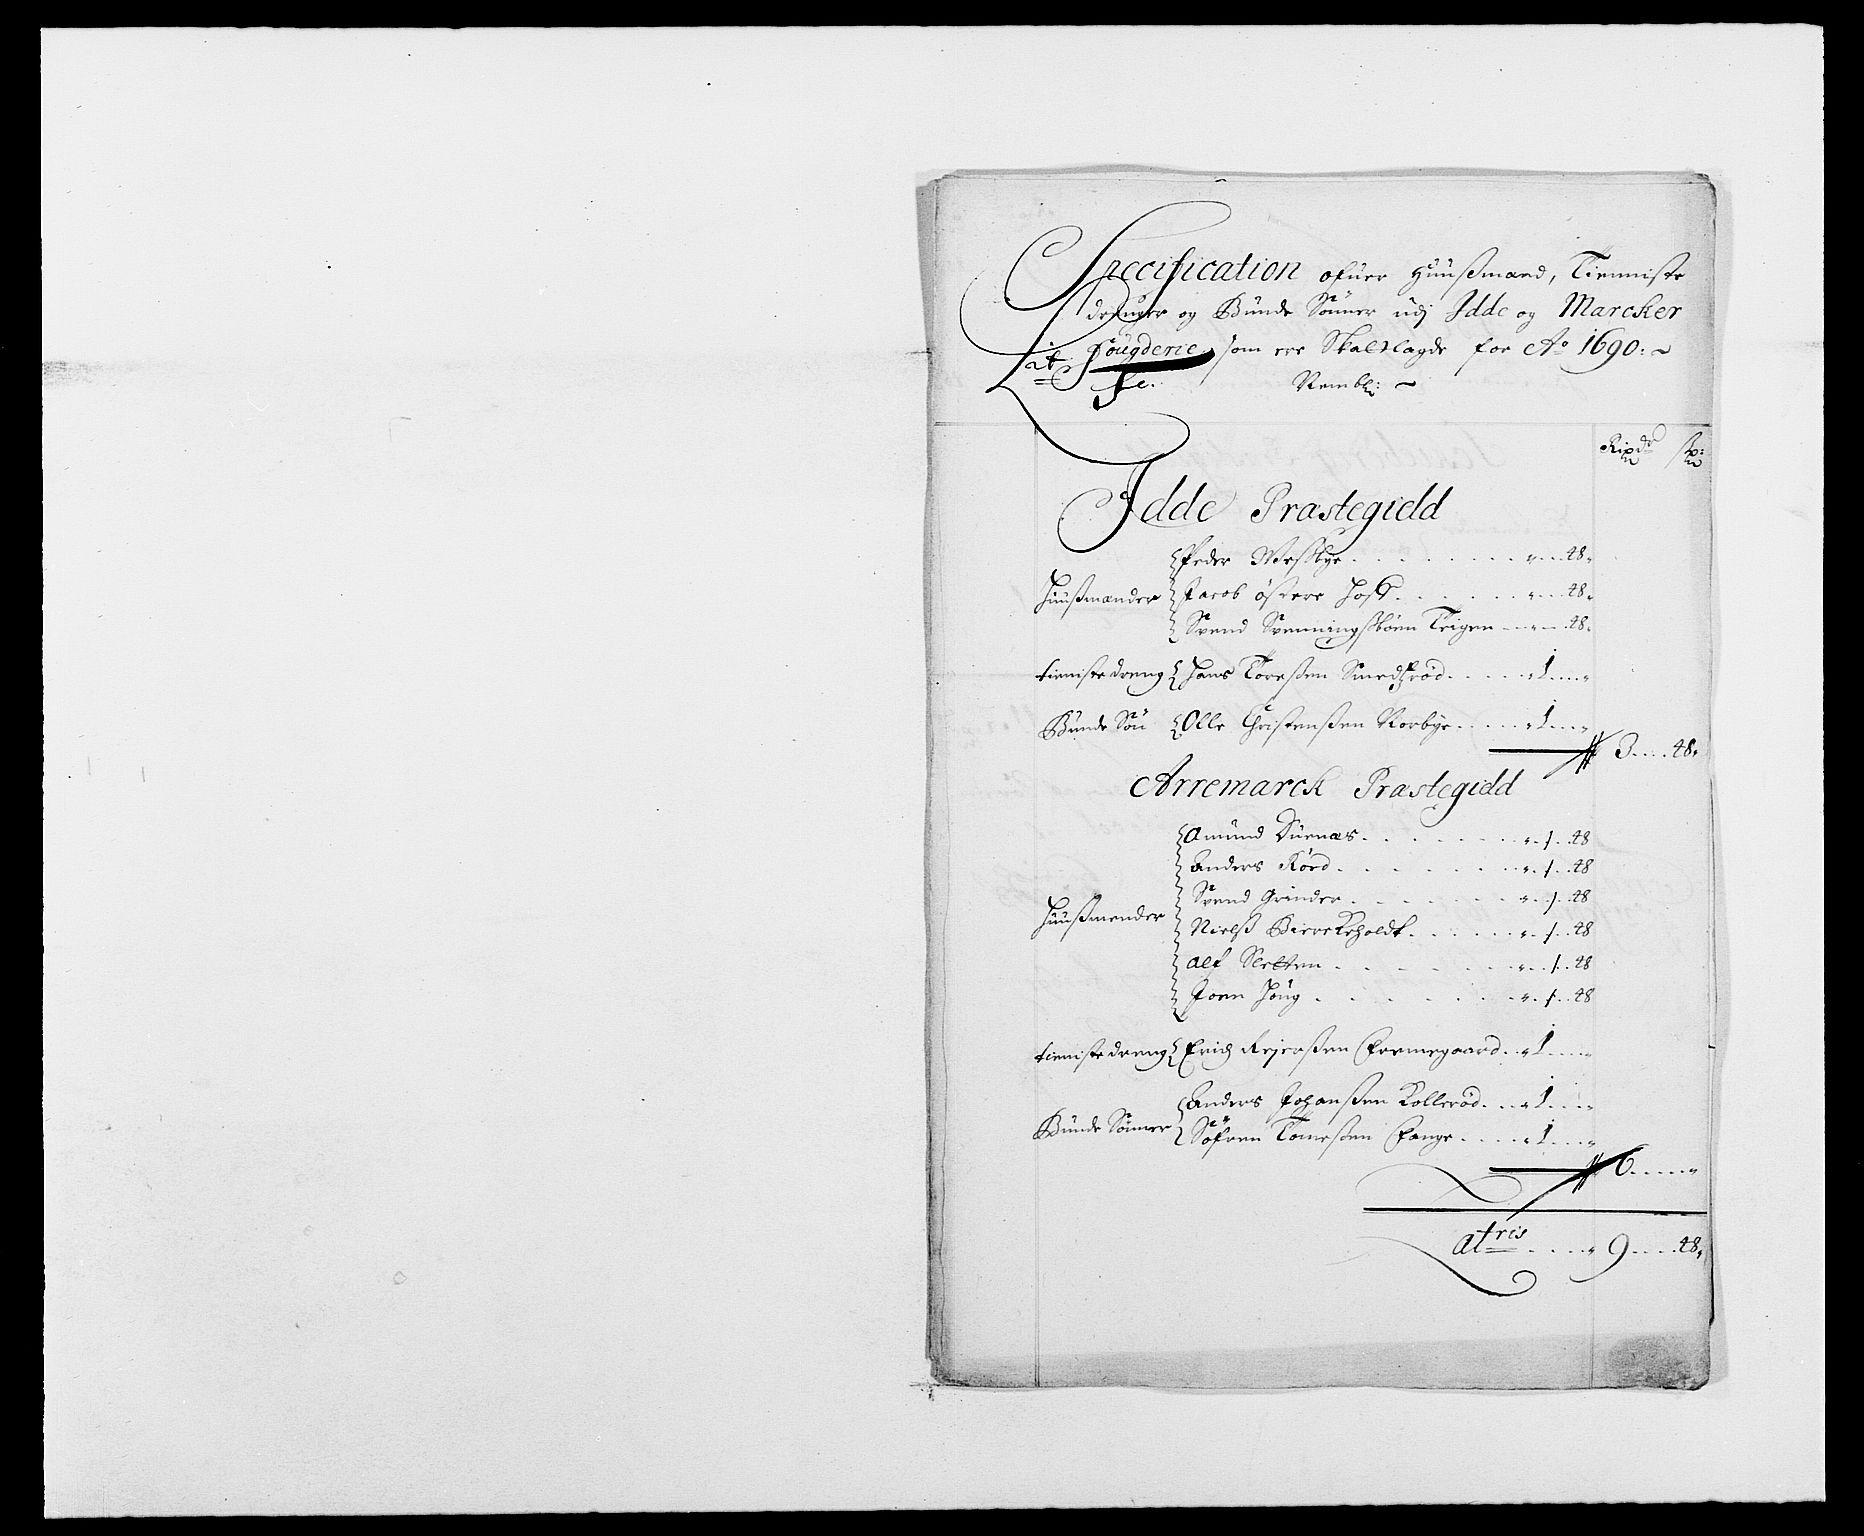 RA, Rentekammeret inntil 1814, Reviderte regnskaper, Fogderegnskap, R01/L0010: Fogderegnskap Idd og Marker, 1690-1691, p. 240